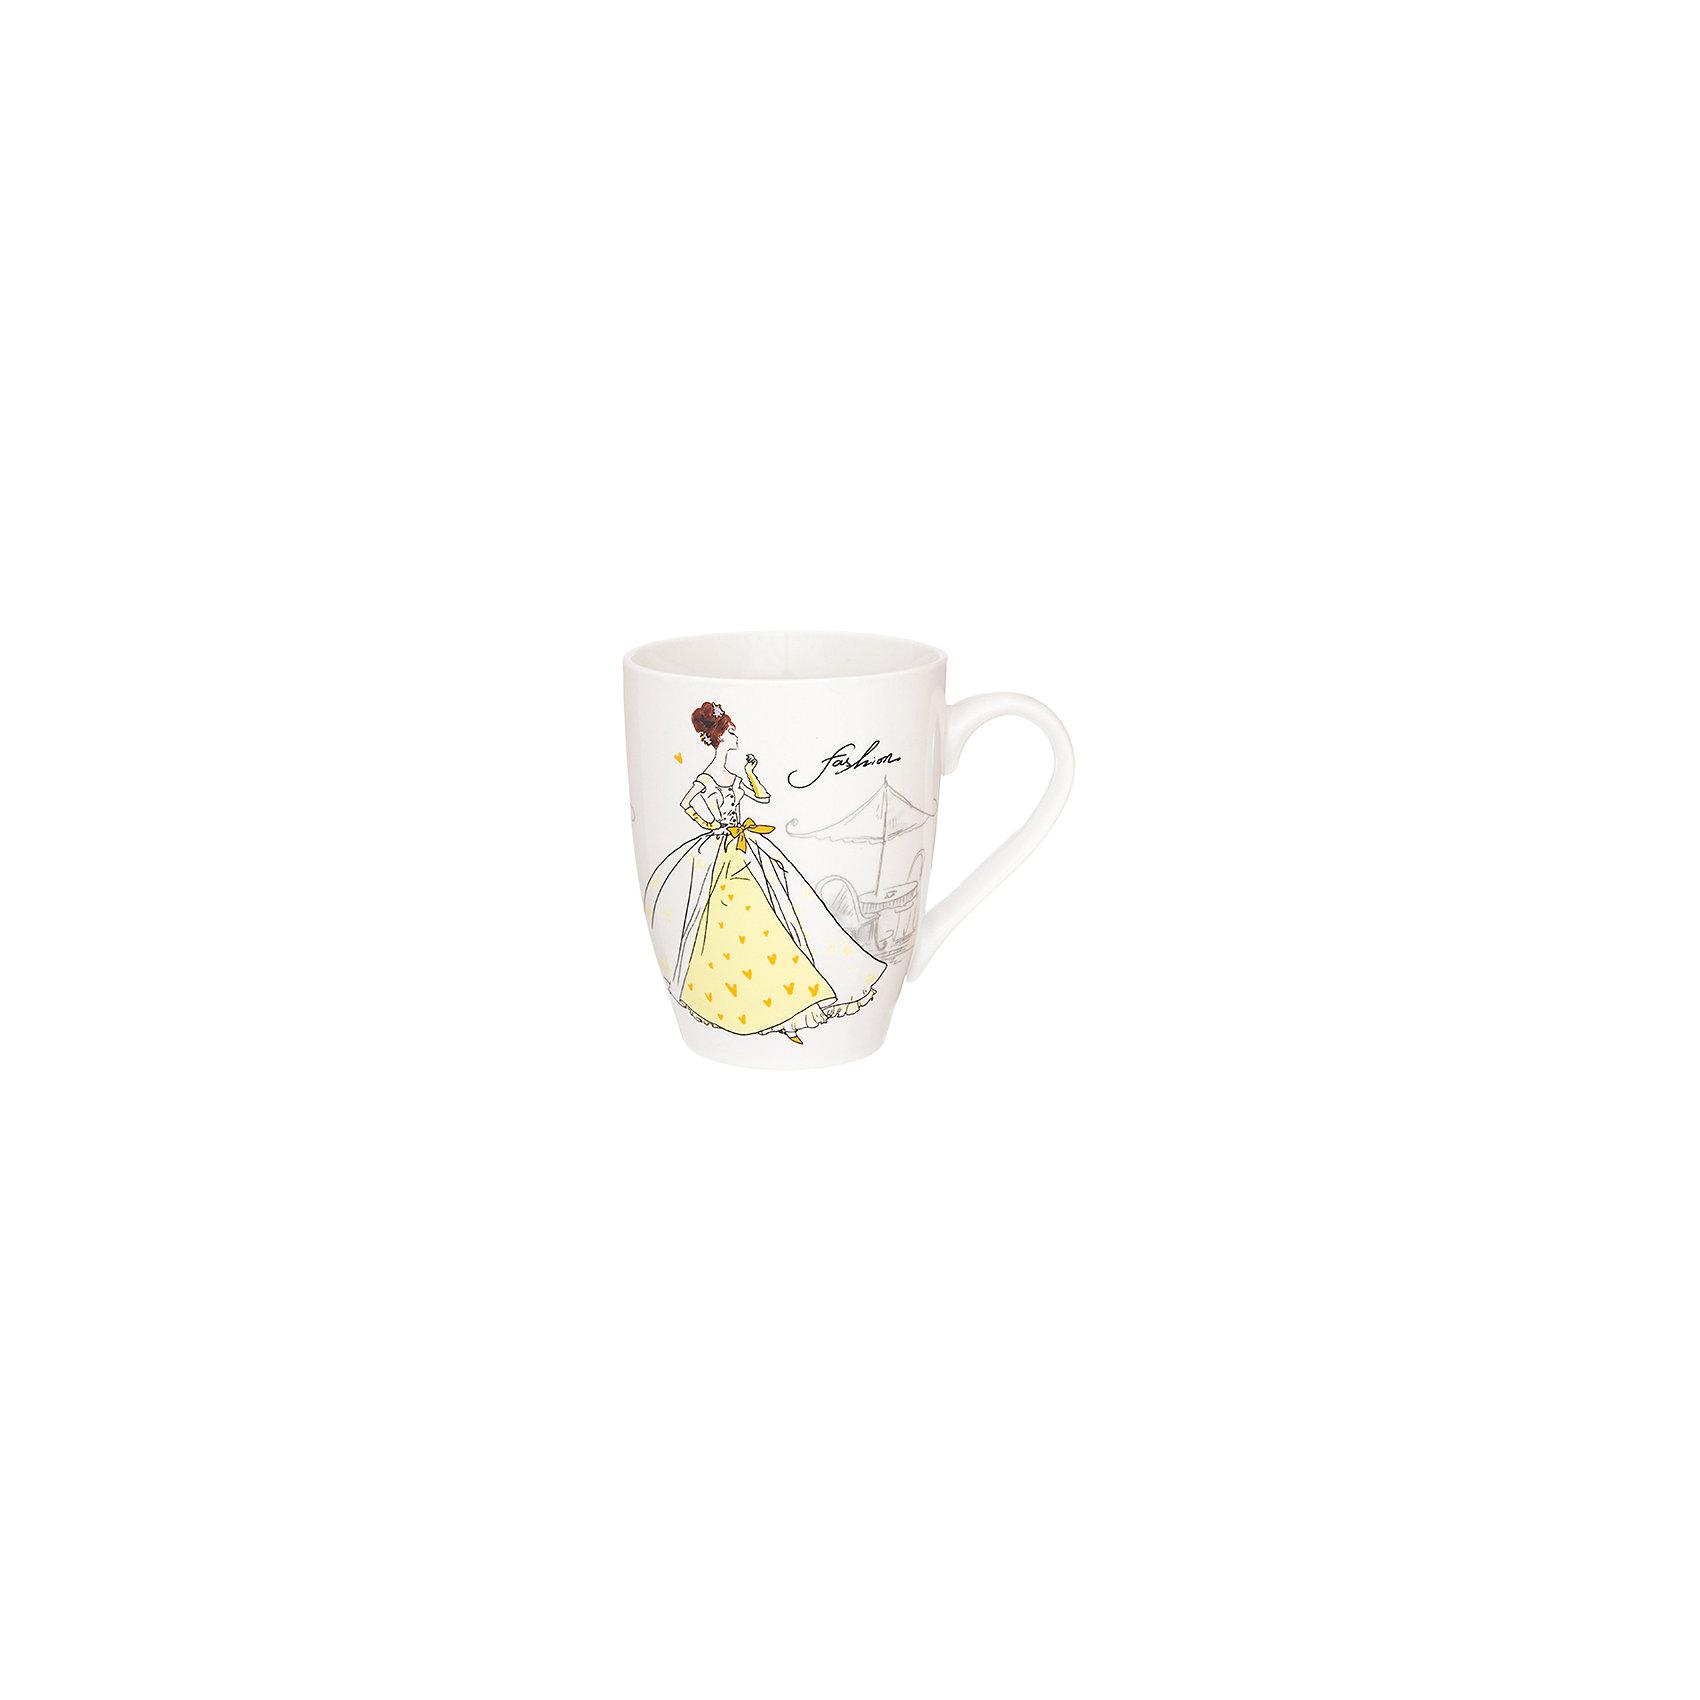 Кружка 370 мл Мода ретро желтая, Elan GalleryПосуда<br>Кружка 370 мл  Elan Gallery 11,5*8*10 см. Мода ретро желтая, Elan Gallery Кружка классической формы объемом 370 мл с удобной ручкой. Подходят для любых горячих и холодных напитков, чая, кофе, какао. Изделие имеет подарочную упаковку, поэтому станет желанным подарком для Ваших близких! Не рекомендуется применять абразивные моющие средства.<br><br>Ширина мм: 103<br>Глубина мм: 86<br>Высота мм: 107<br>Вес г: 267<br>Возраст от месяцев: 0<br>Возраст до месяцев: 1188<br>Пол: Унисекс<br>Возраст: Детский<br>SKU: 6668868